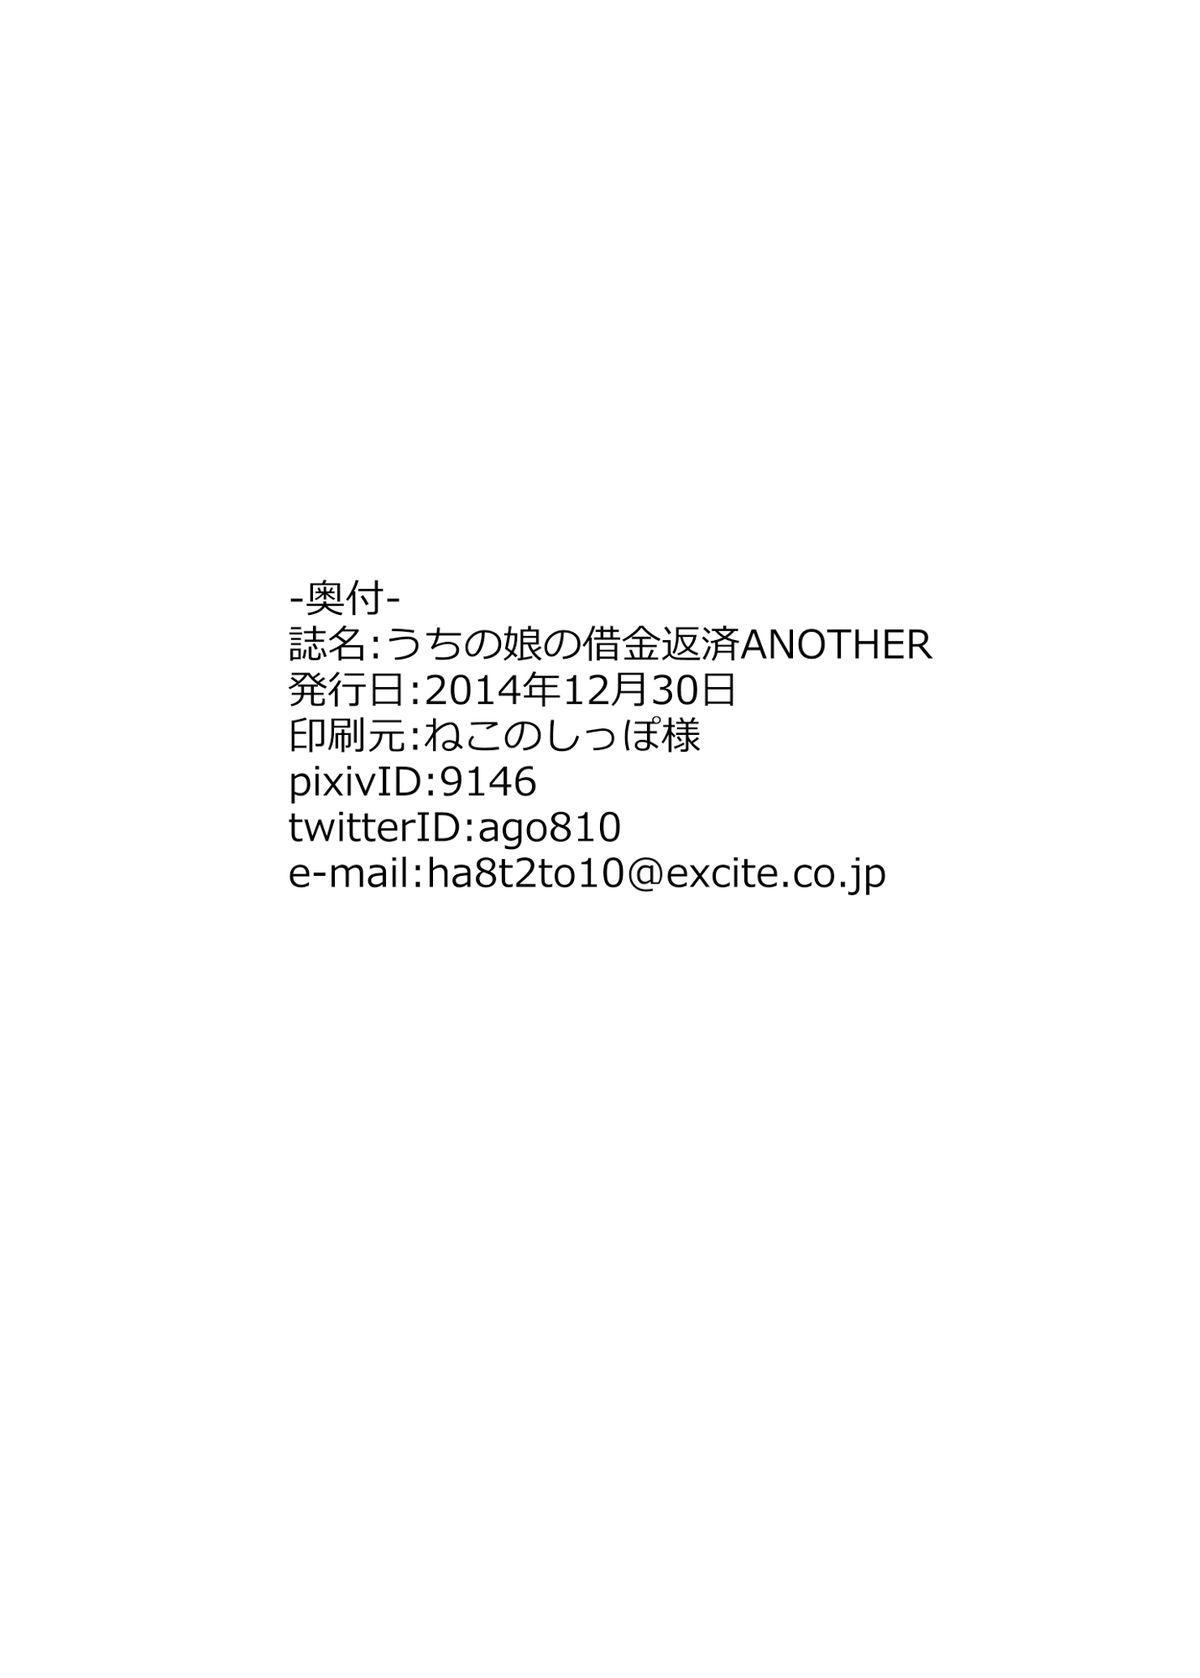 Uchi no Musume no Shakkin Hensai ANOTHER 24